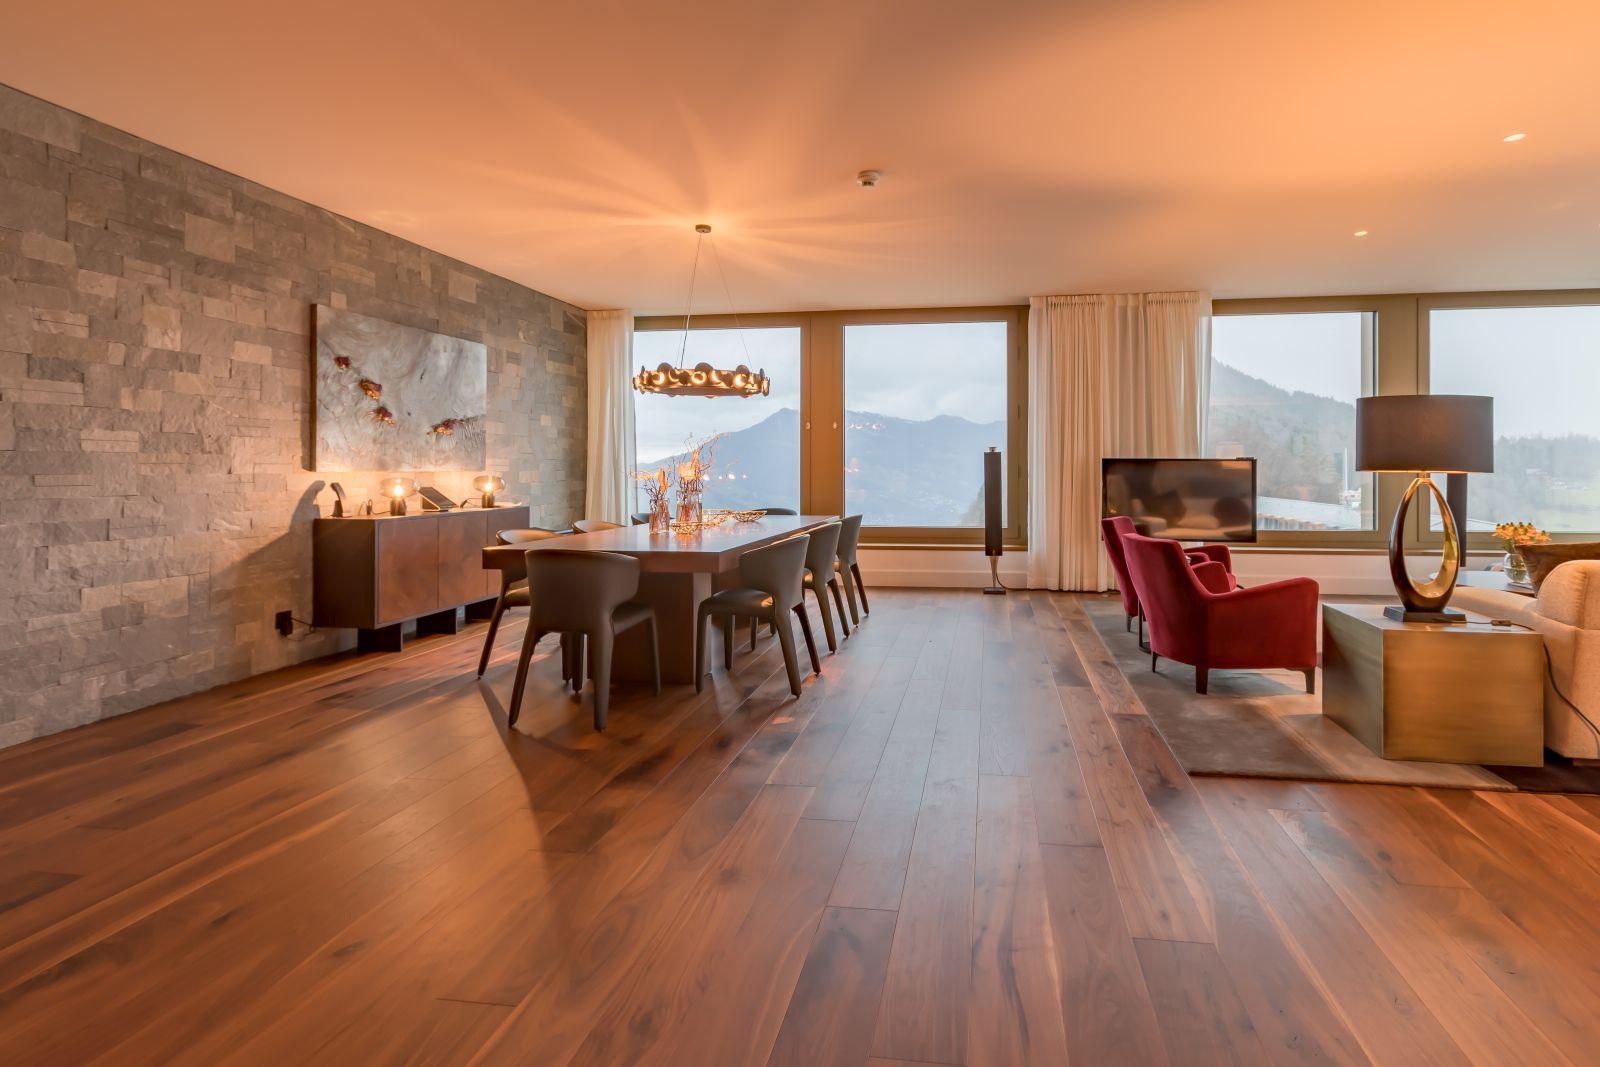 Drewniany parkiet  zorzecha amerykańskiego Listone Giordano wznanym hotelu Bürgenstock wSzwajcarii